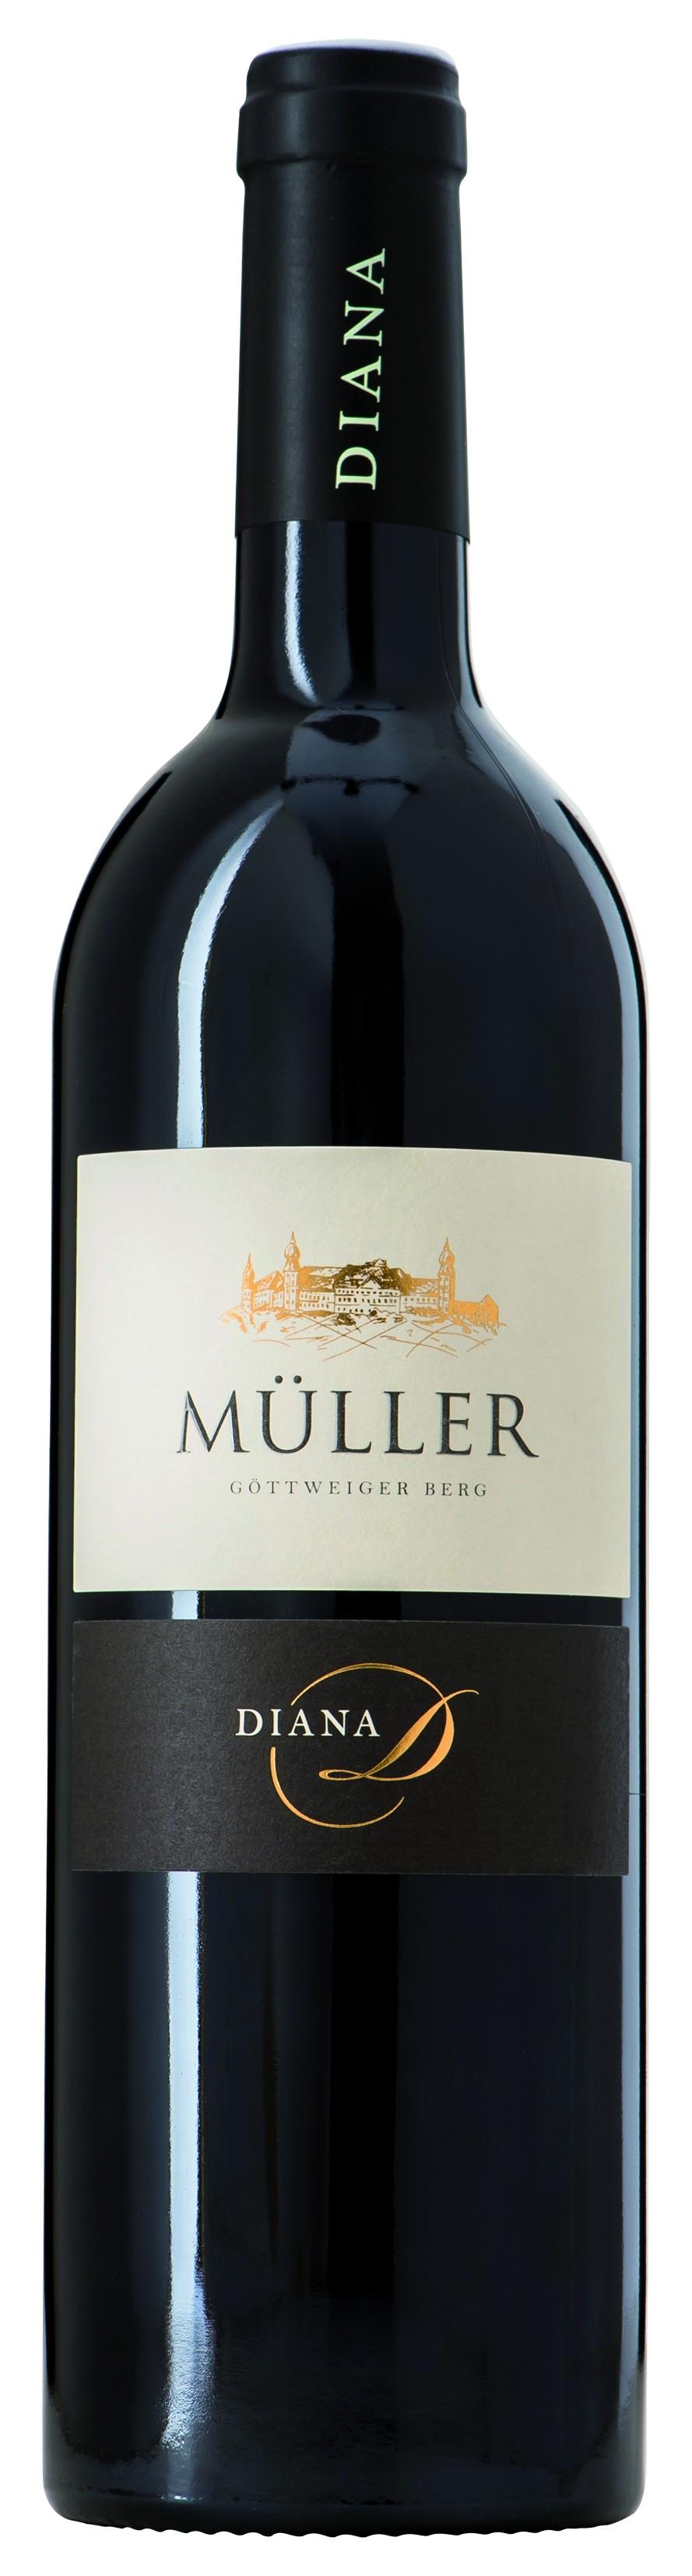 Muller 'Diana' Zweigelt Cabernet Sauvignon